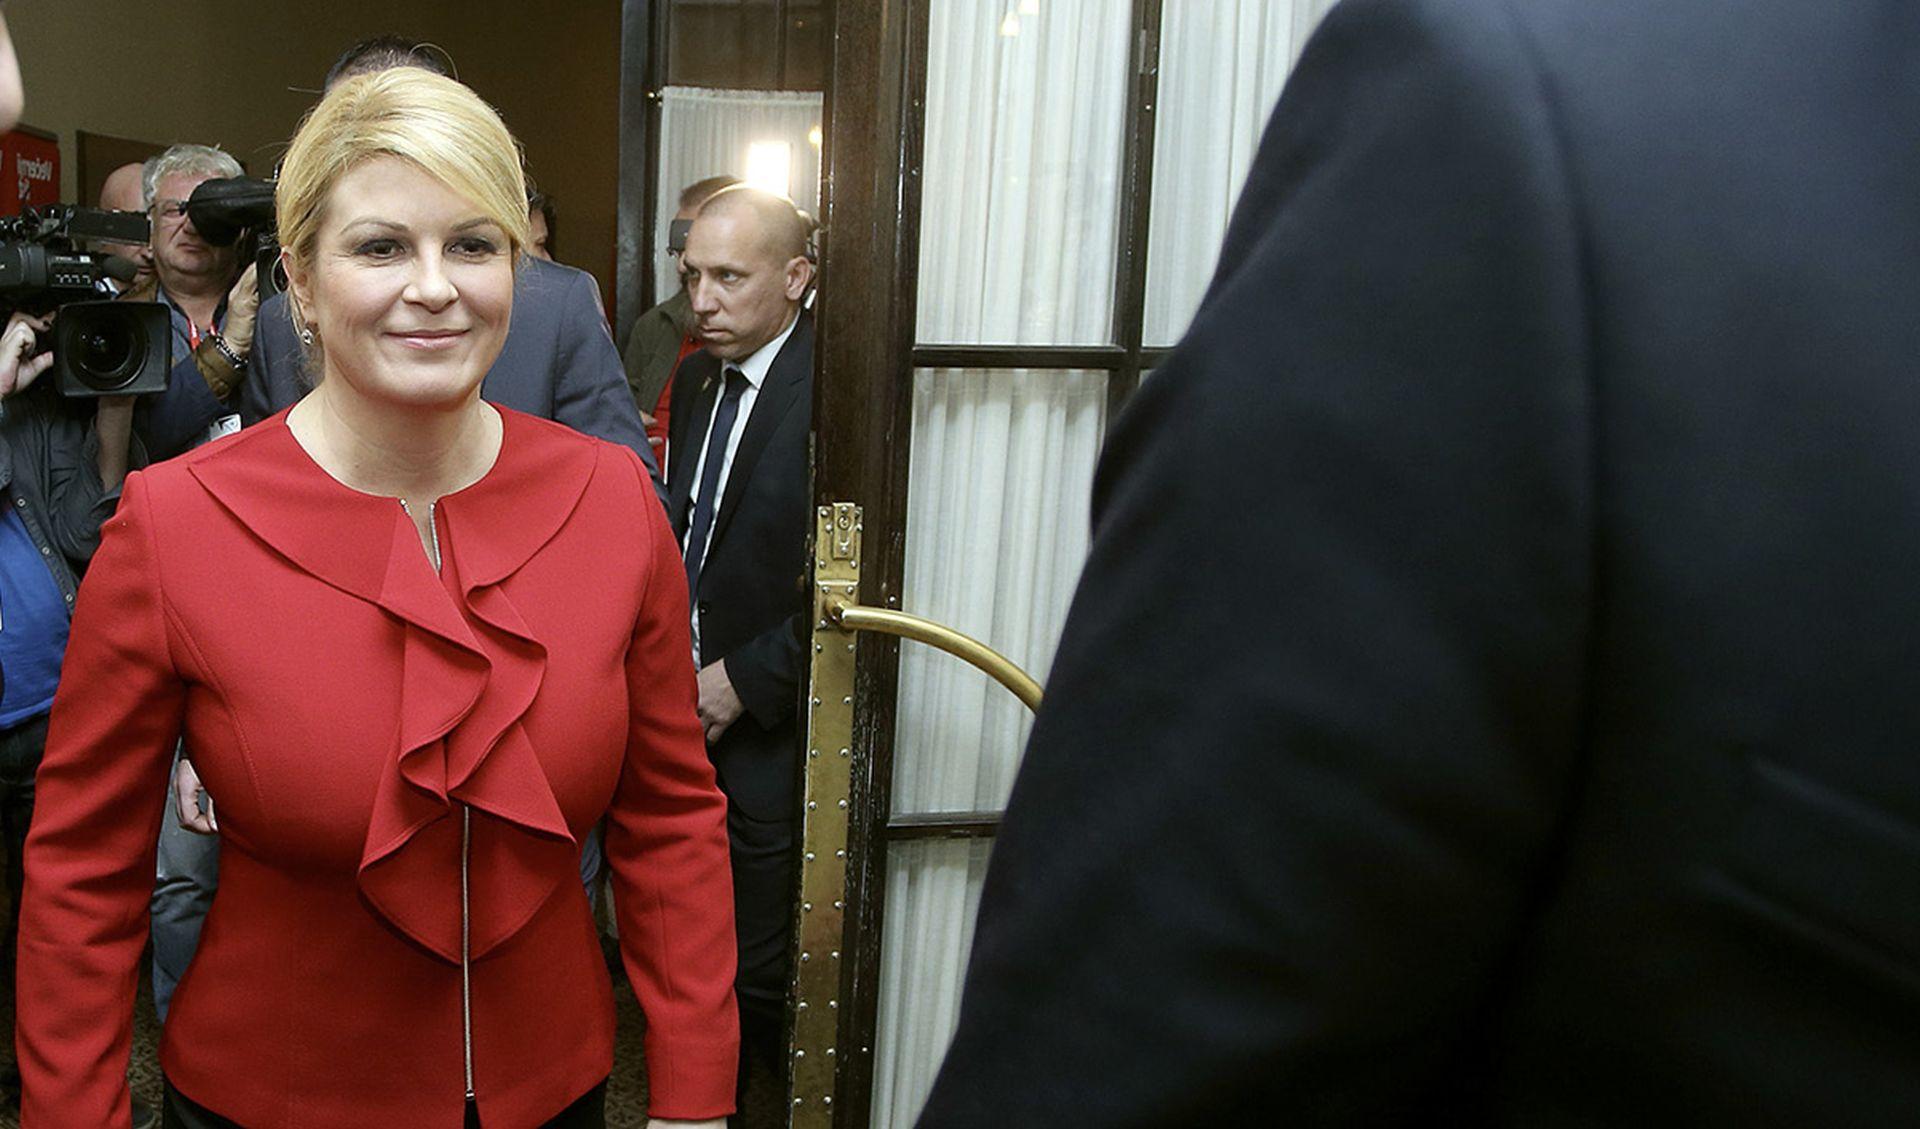 Ruski neovisni mediji pišu o vezama Gološčapova i hrvatske predsjednice